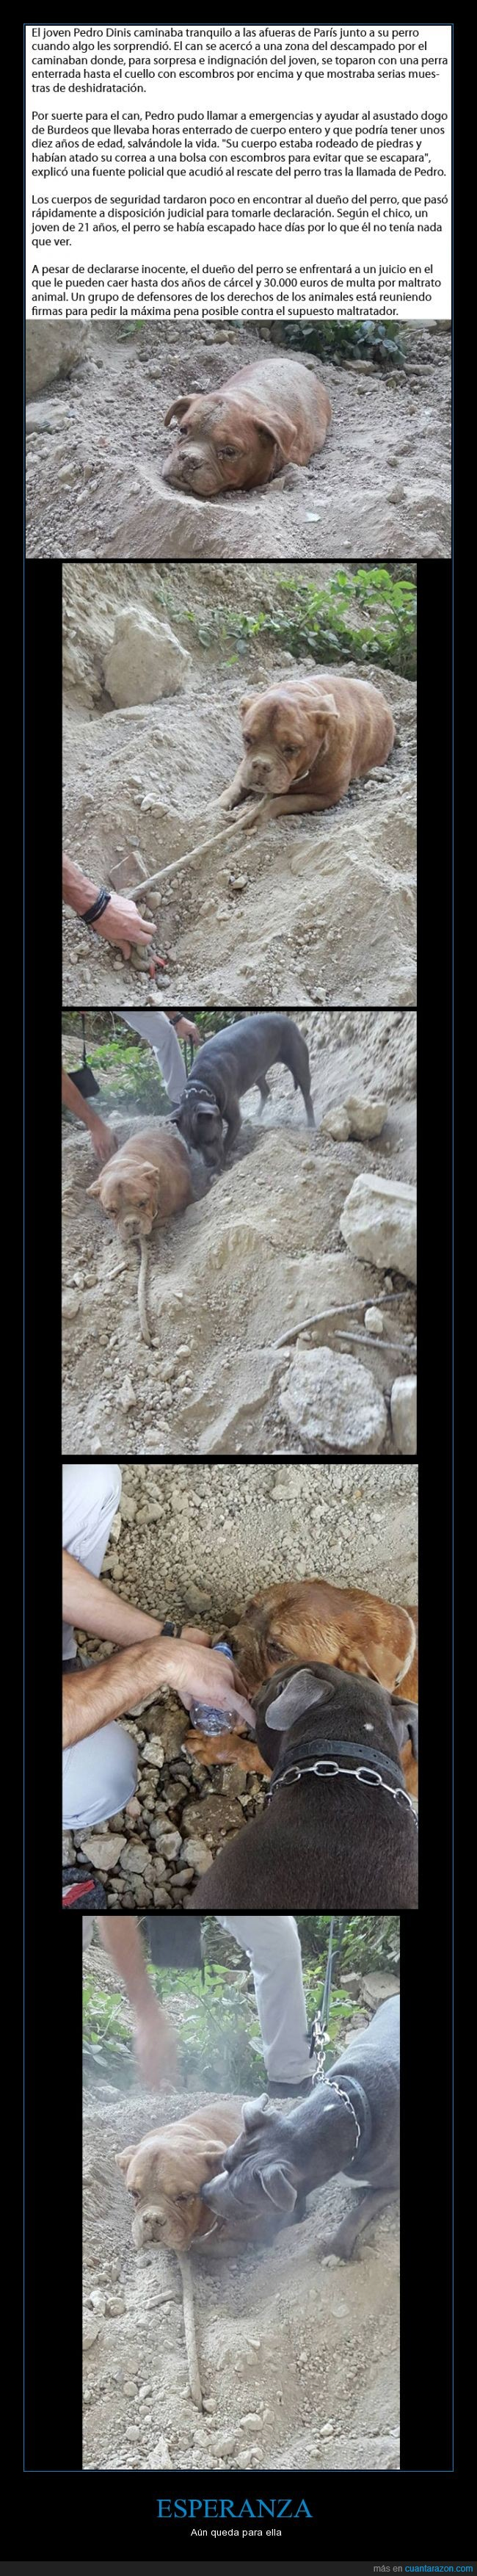 enterrada,espero que ahora encuentre un mejor hogar,Paris,Pedro,perra